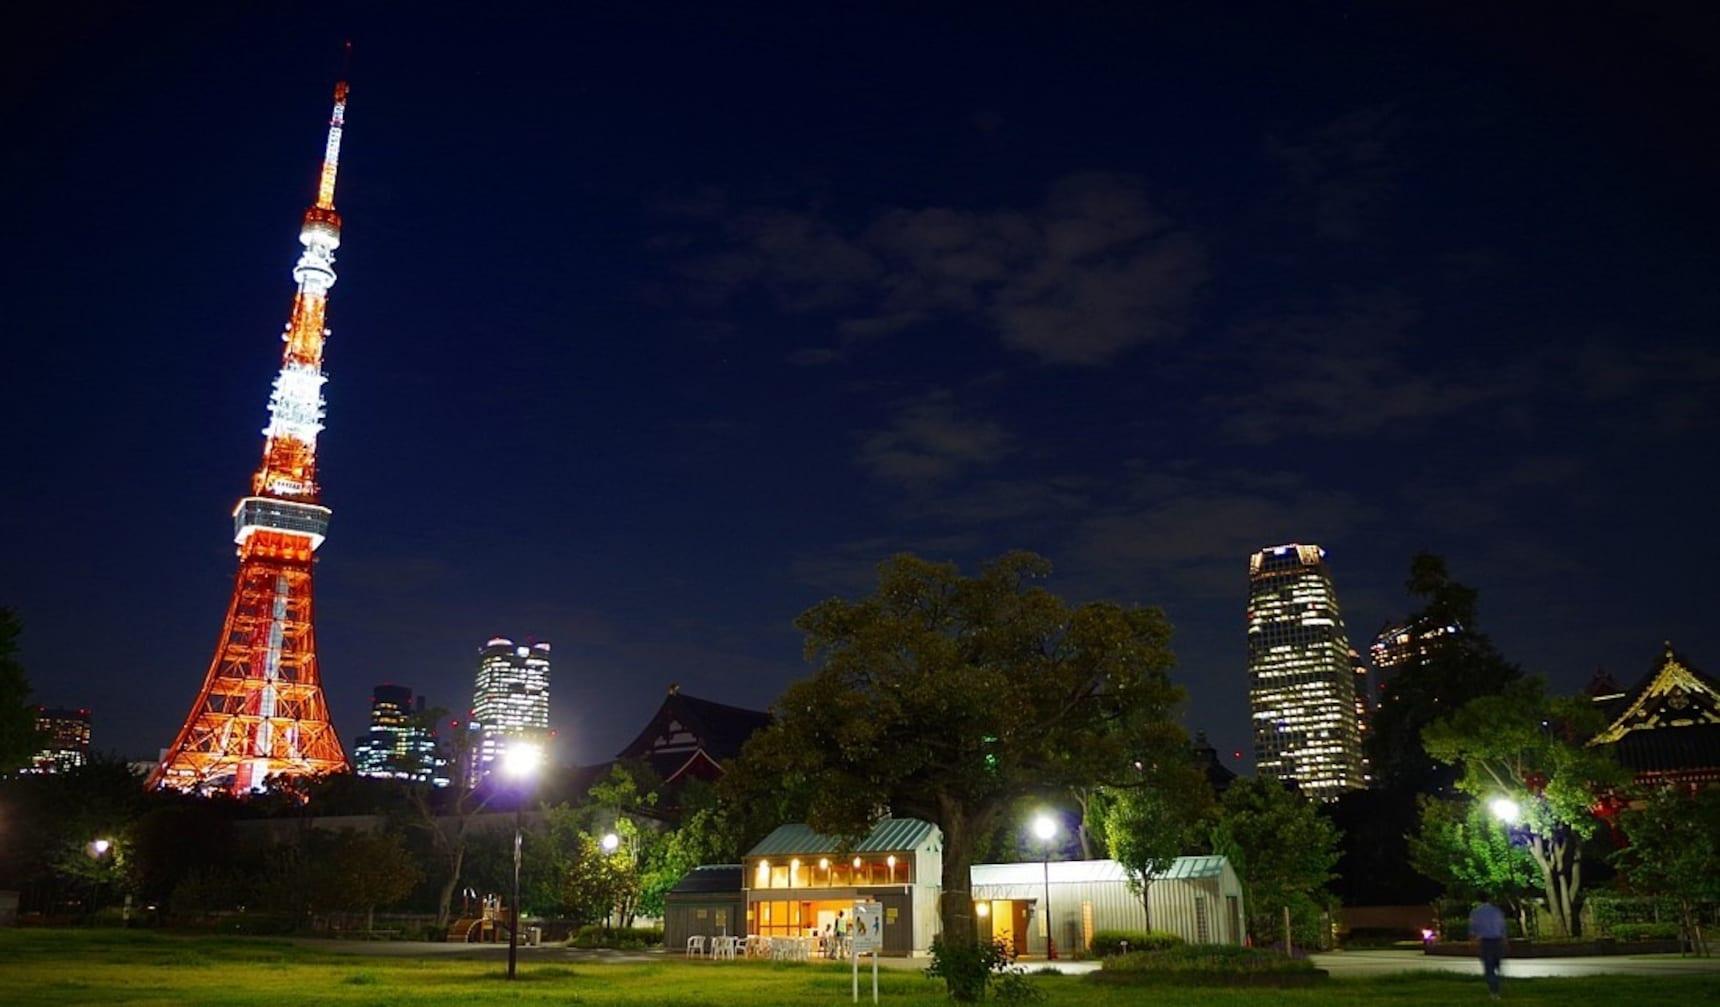 有树影婆娑掩映古寺的绿色公园 — 芝公园